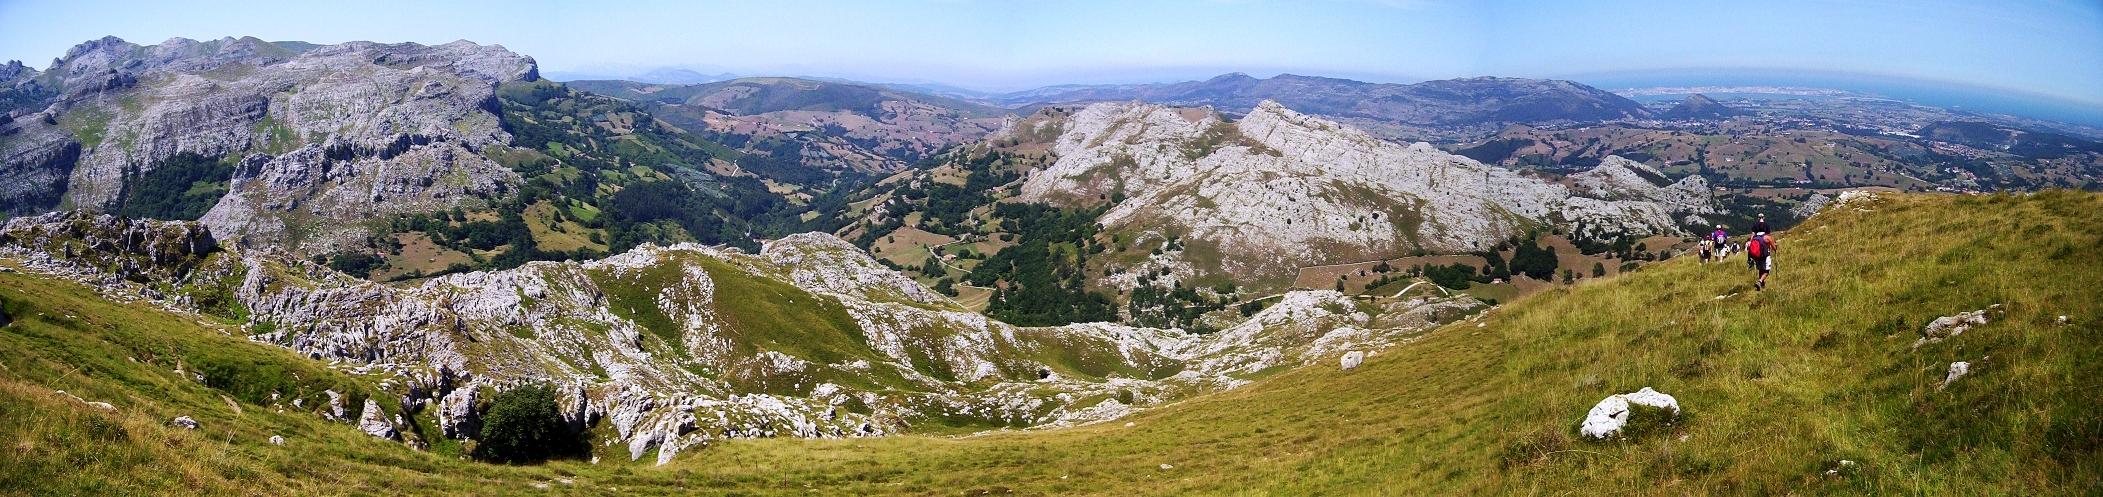 Imagen panorámica de la Cordillera Cantábrica (izquierda) y La Marina con la ciudad de Santander (al fondo a la derecha). Alto de Brenas (579 metros). Riotuerto.